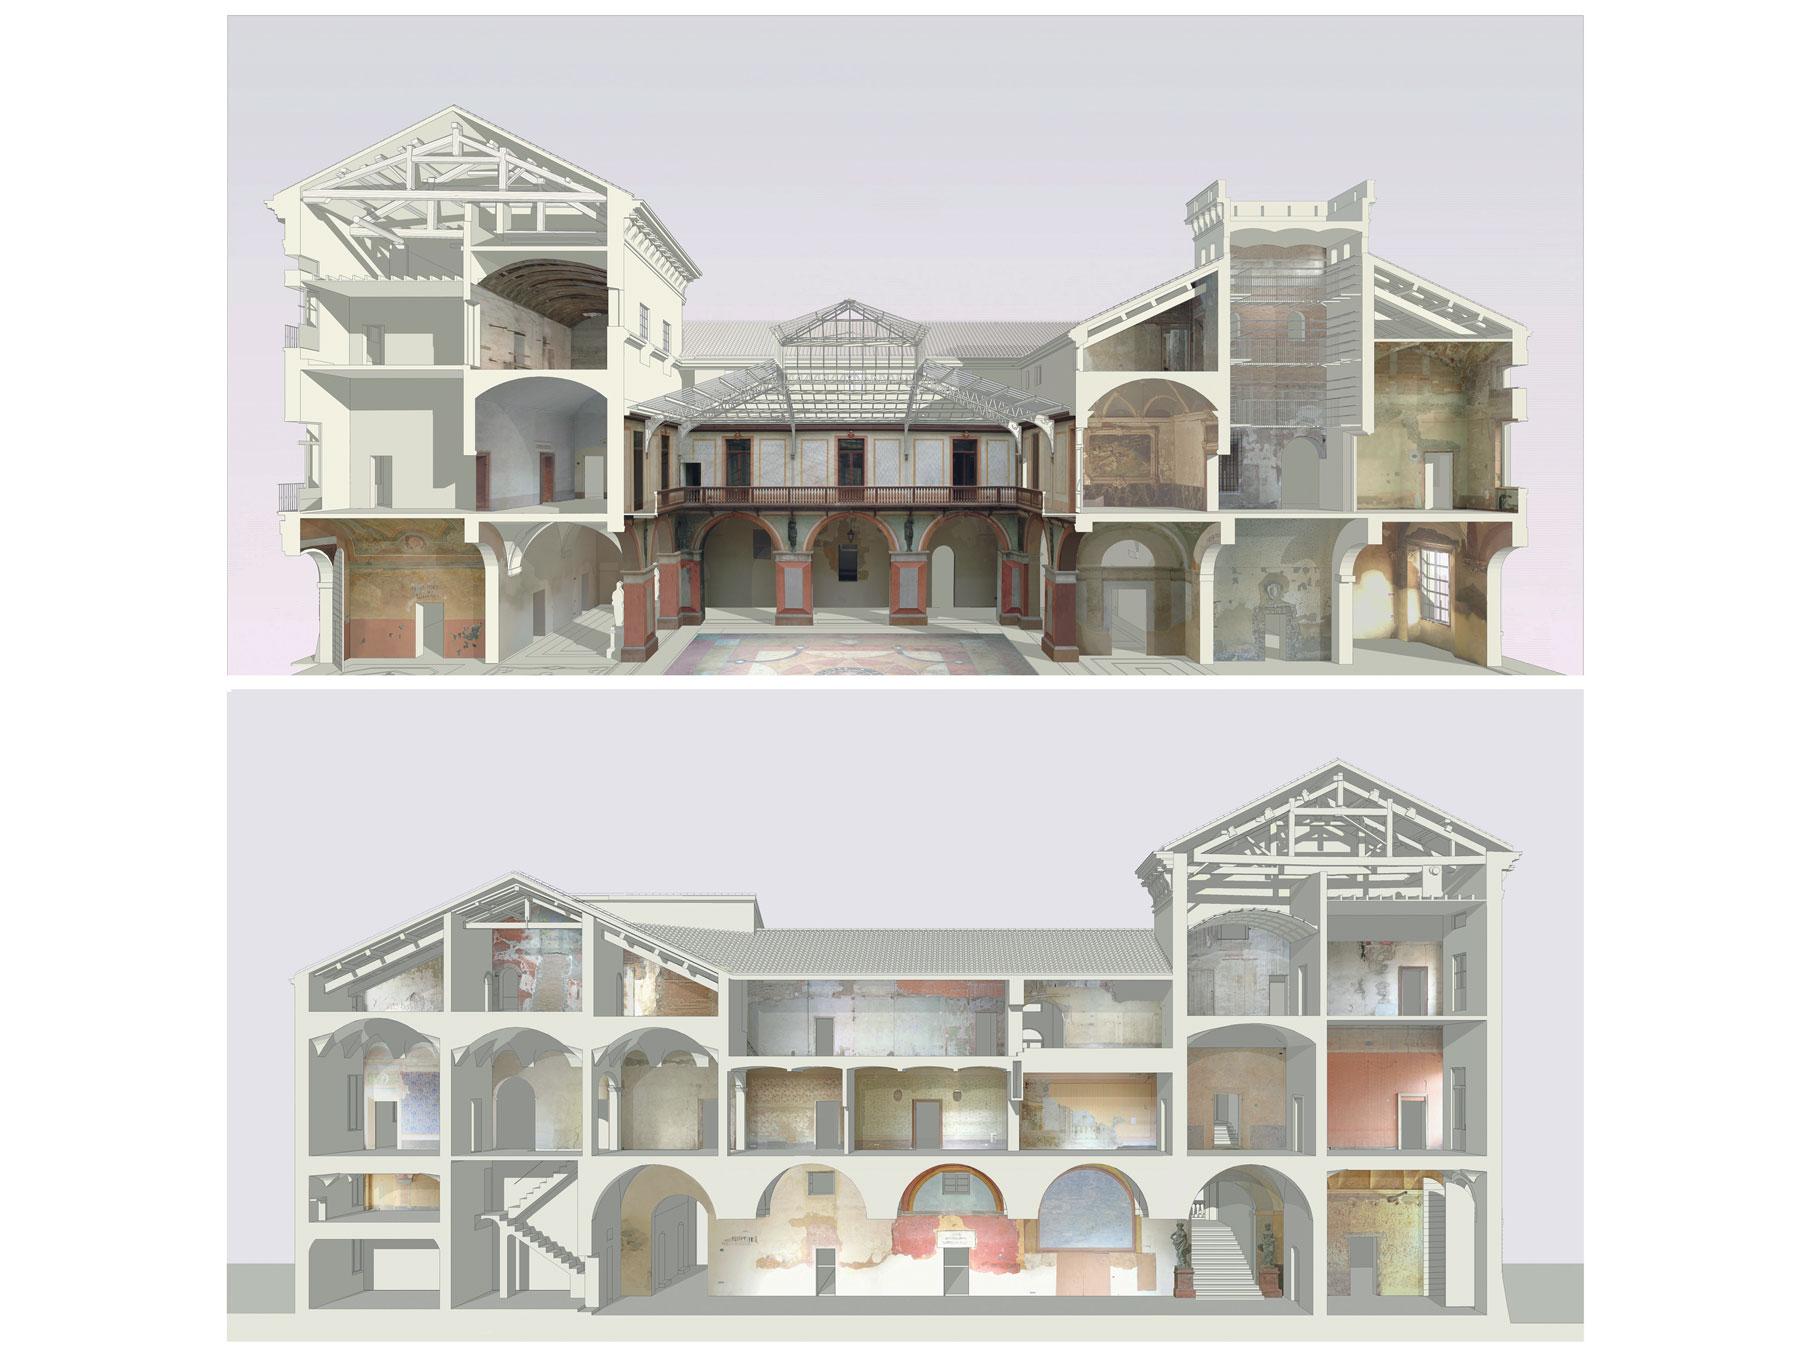 Sezioni prospettiche palazzo ducale Guastalla